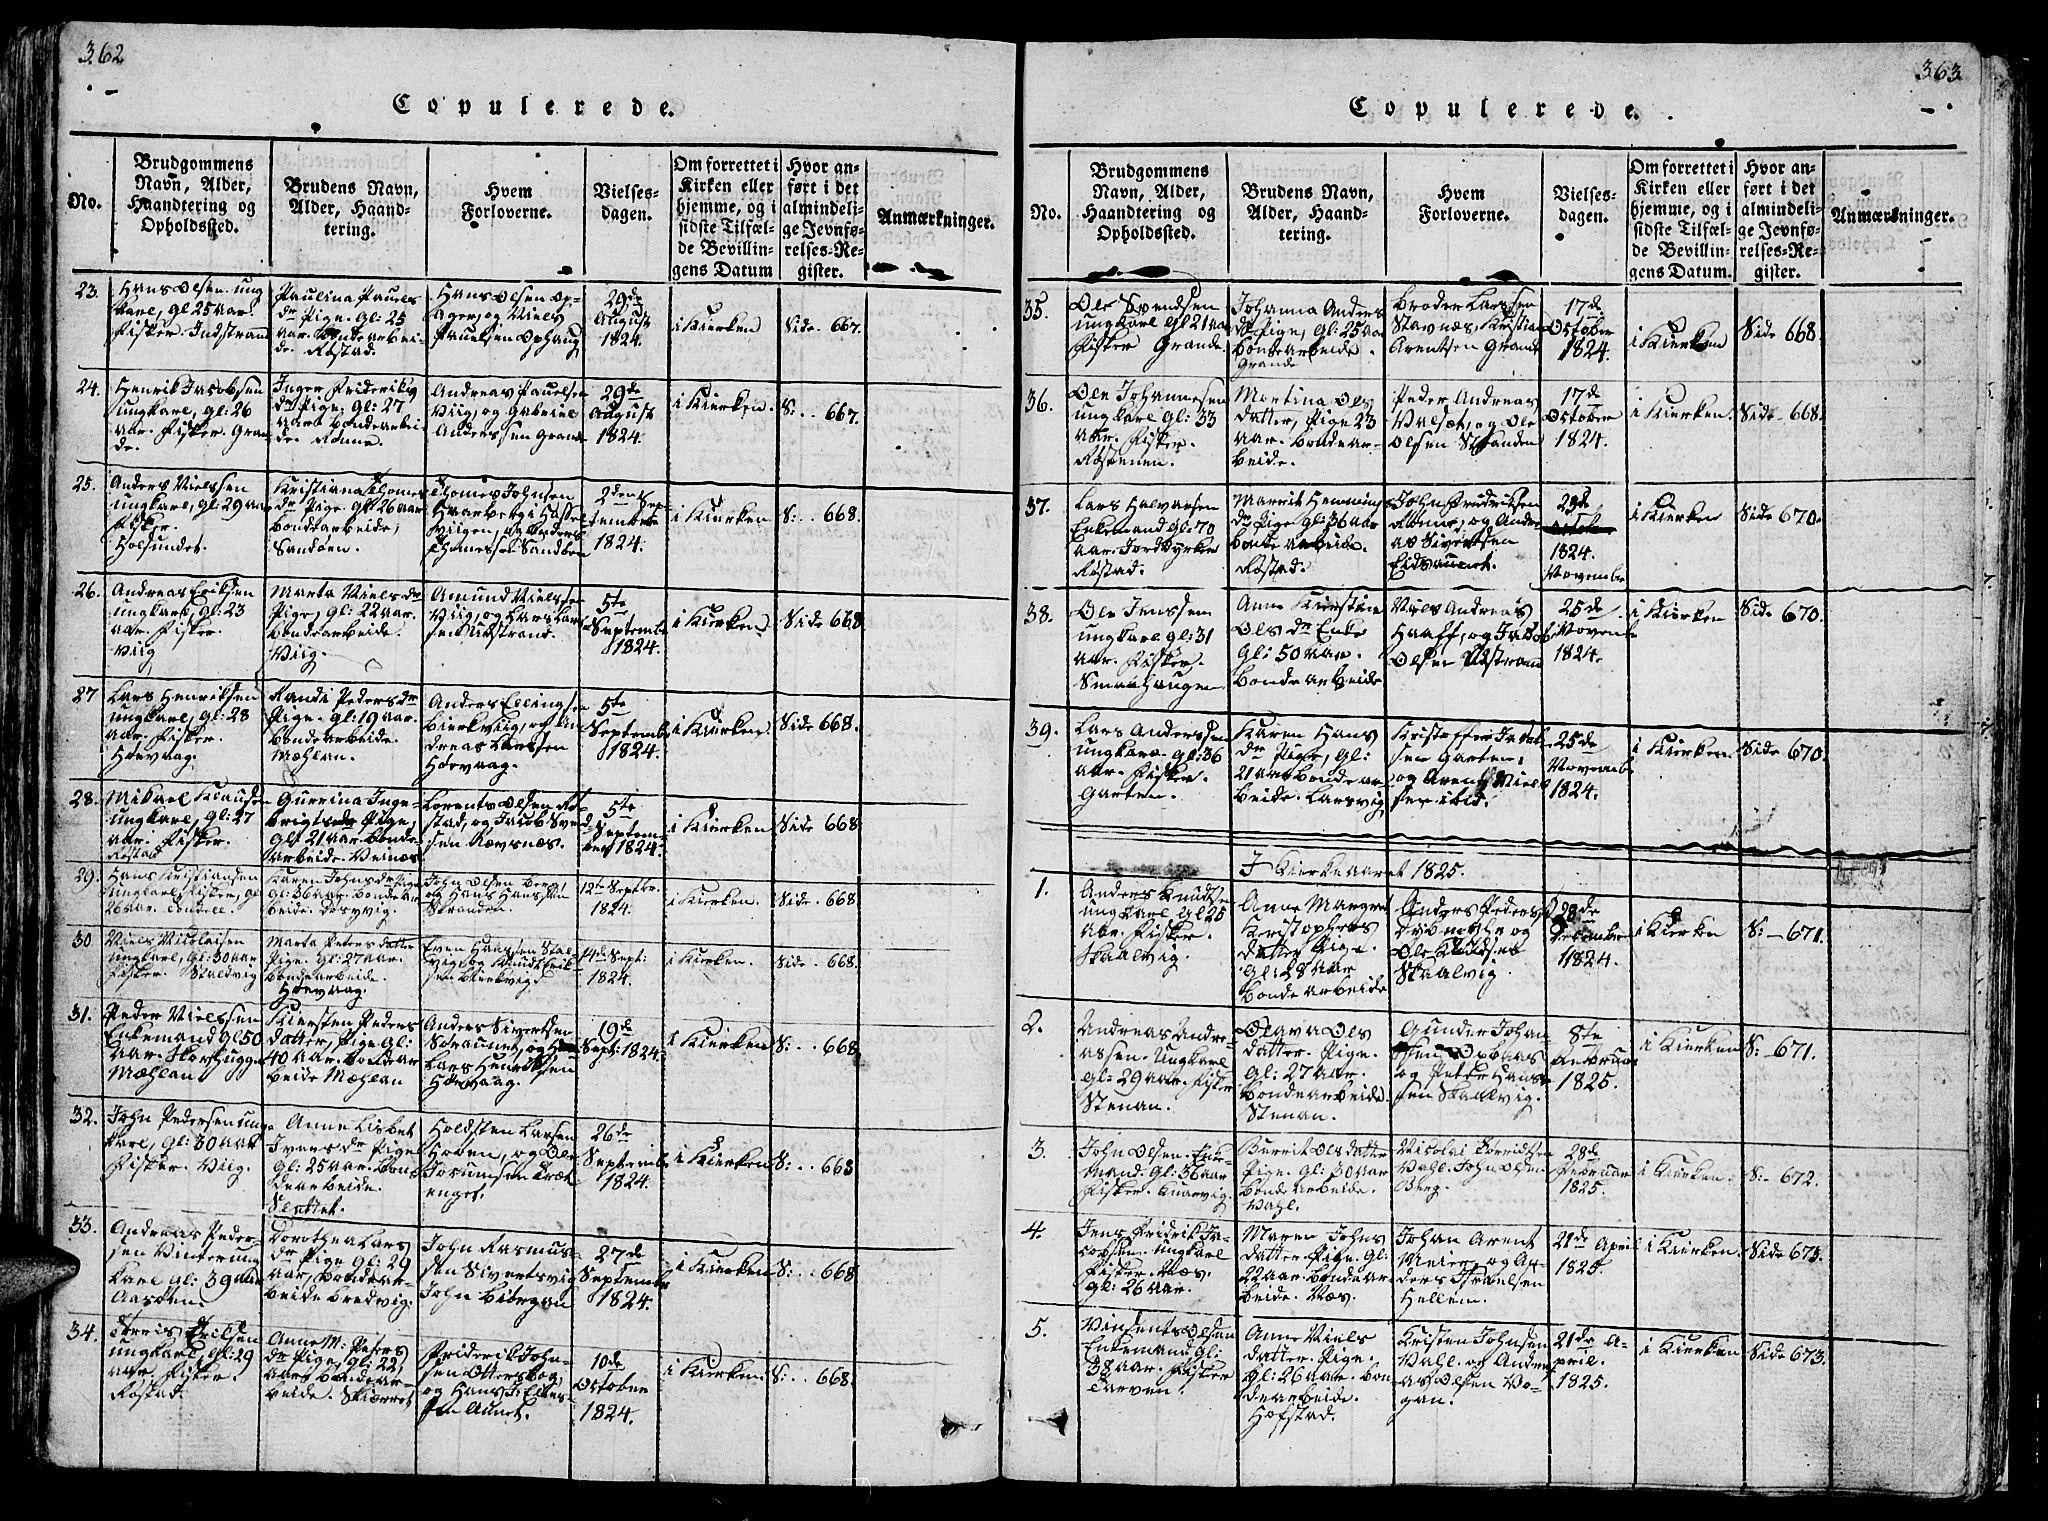 SAT, Ministerialprotokoller, klokkerbøker og fødselsregistre - Sør-Trøndelag, 659/L0744: Klokkerbok nr. 659C01, 1818-1825, s. 362-363